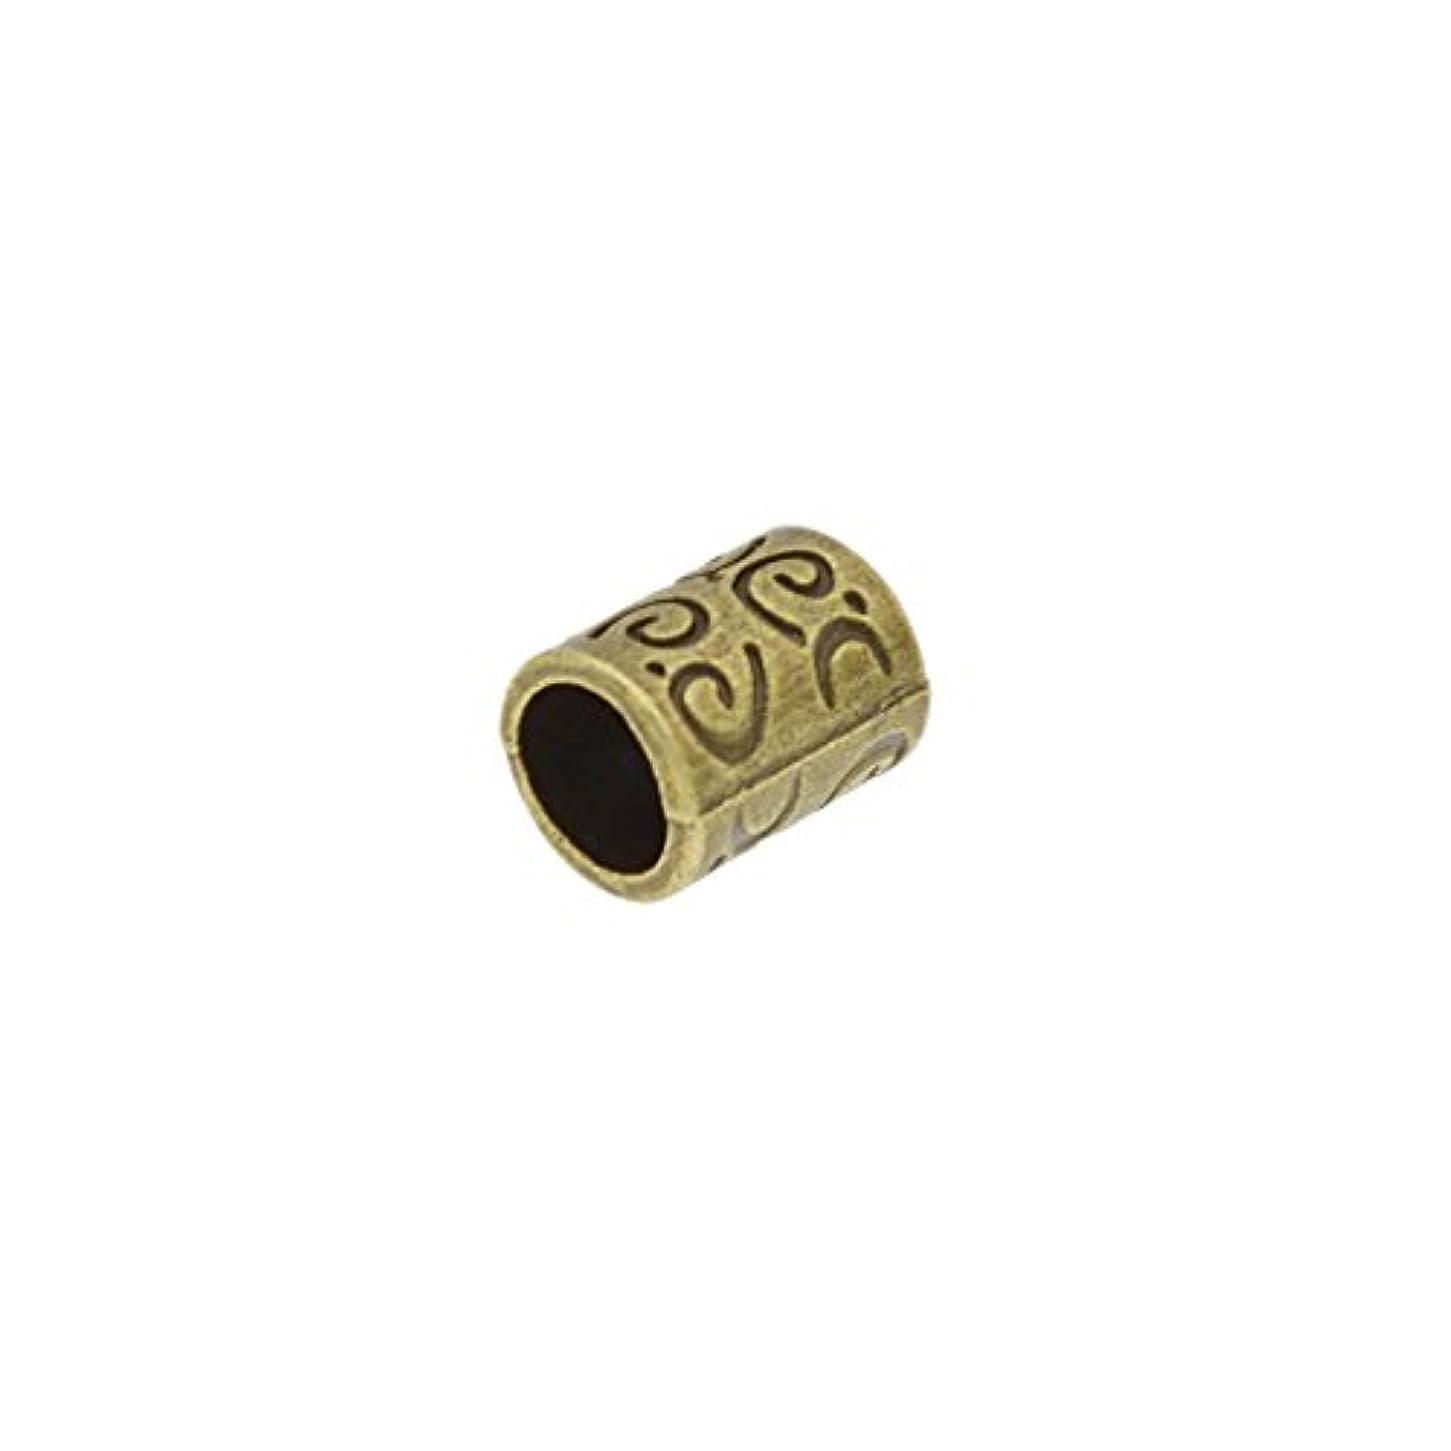 前置詞密度ラリーベルモント(ライチ) Lychee 10個セット ドレッドロックス カフ シンプル アンティーク調 髪飾り 三つ編み ラッパー レゲエ ヒップホップ 内径0.58cm 長さ1cm